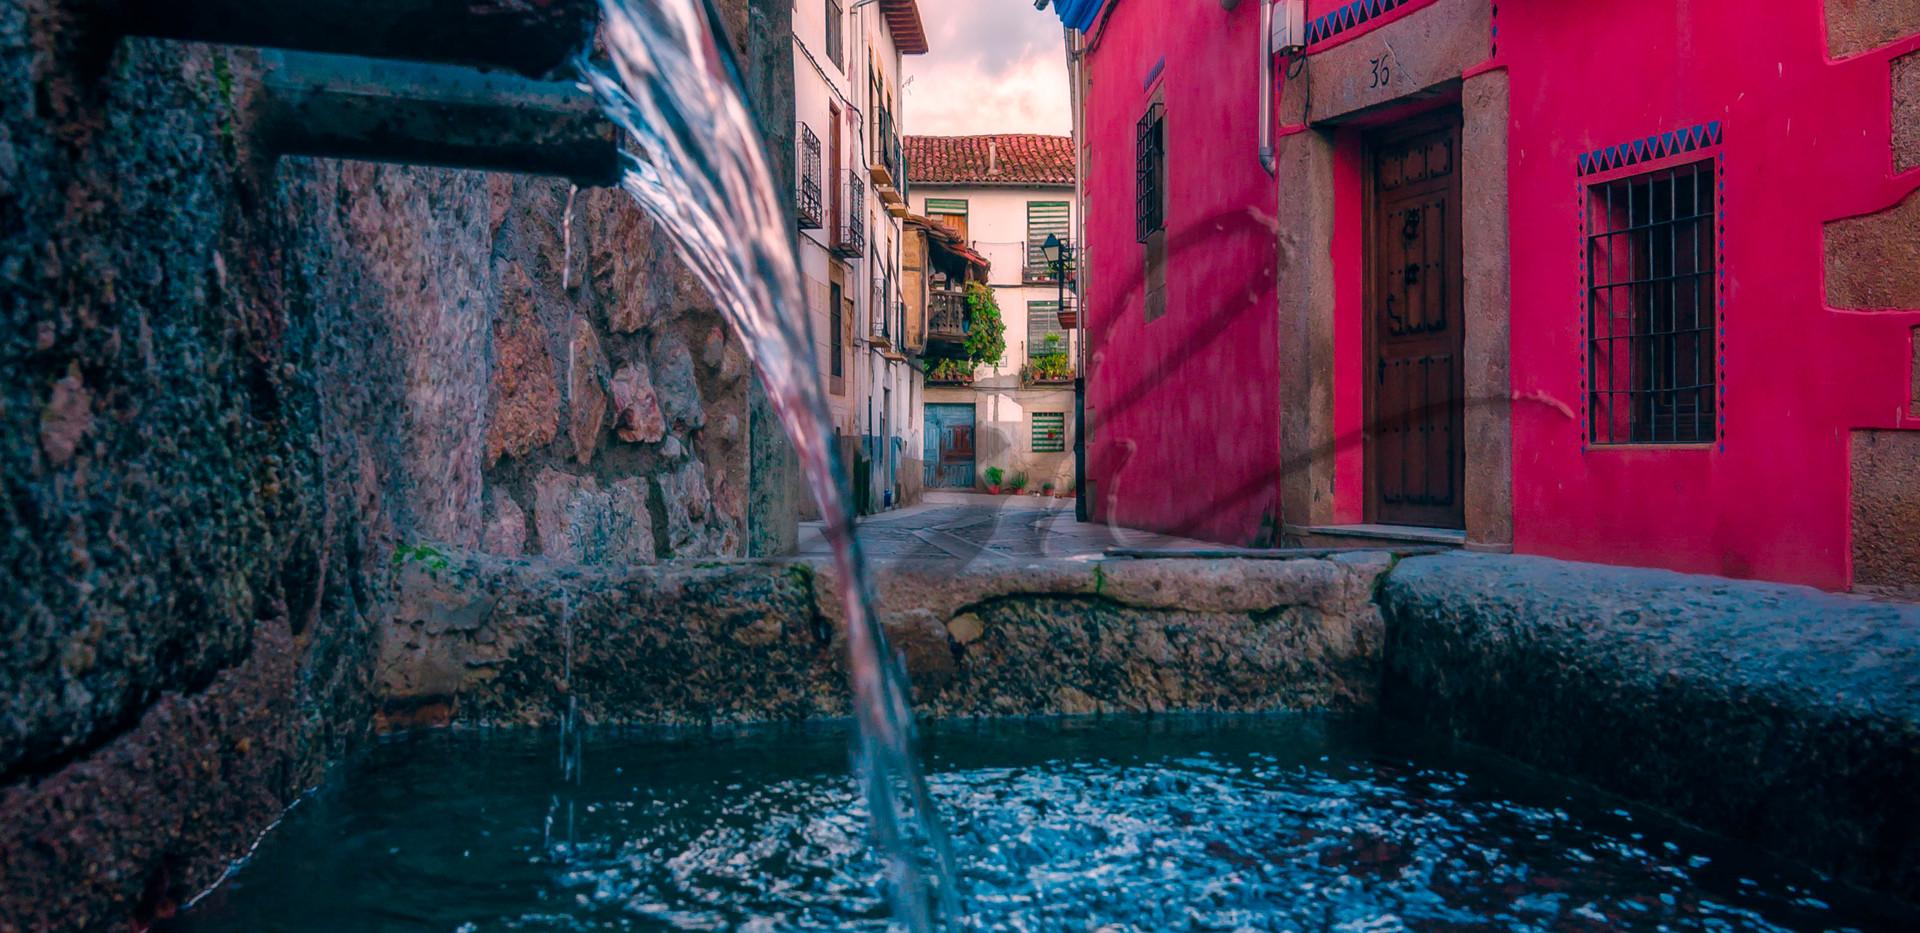 Calle-Teodoro-Perianes.jpg